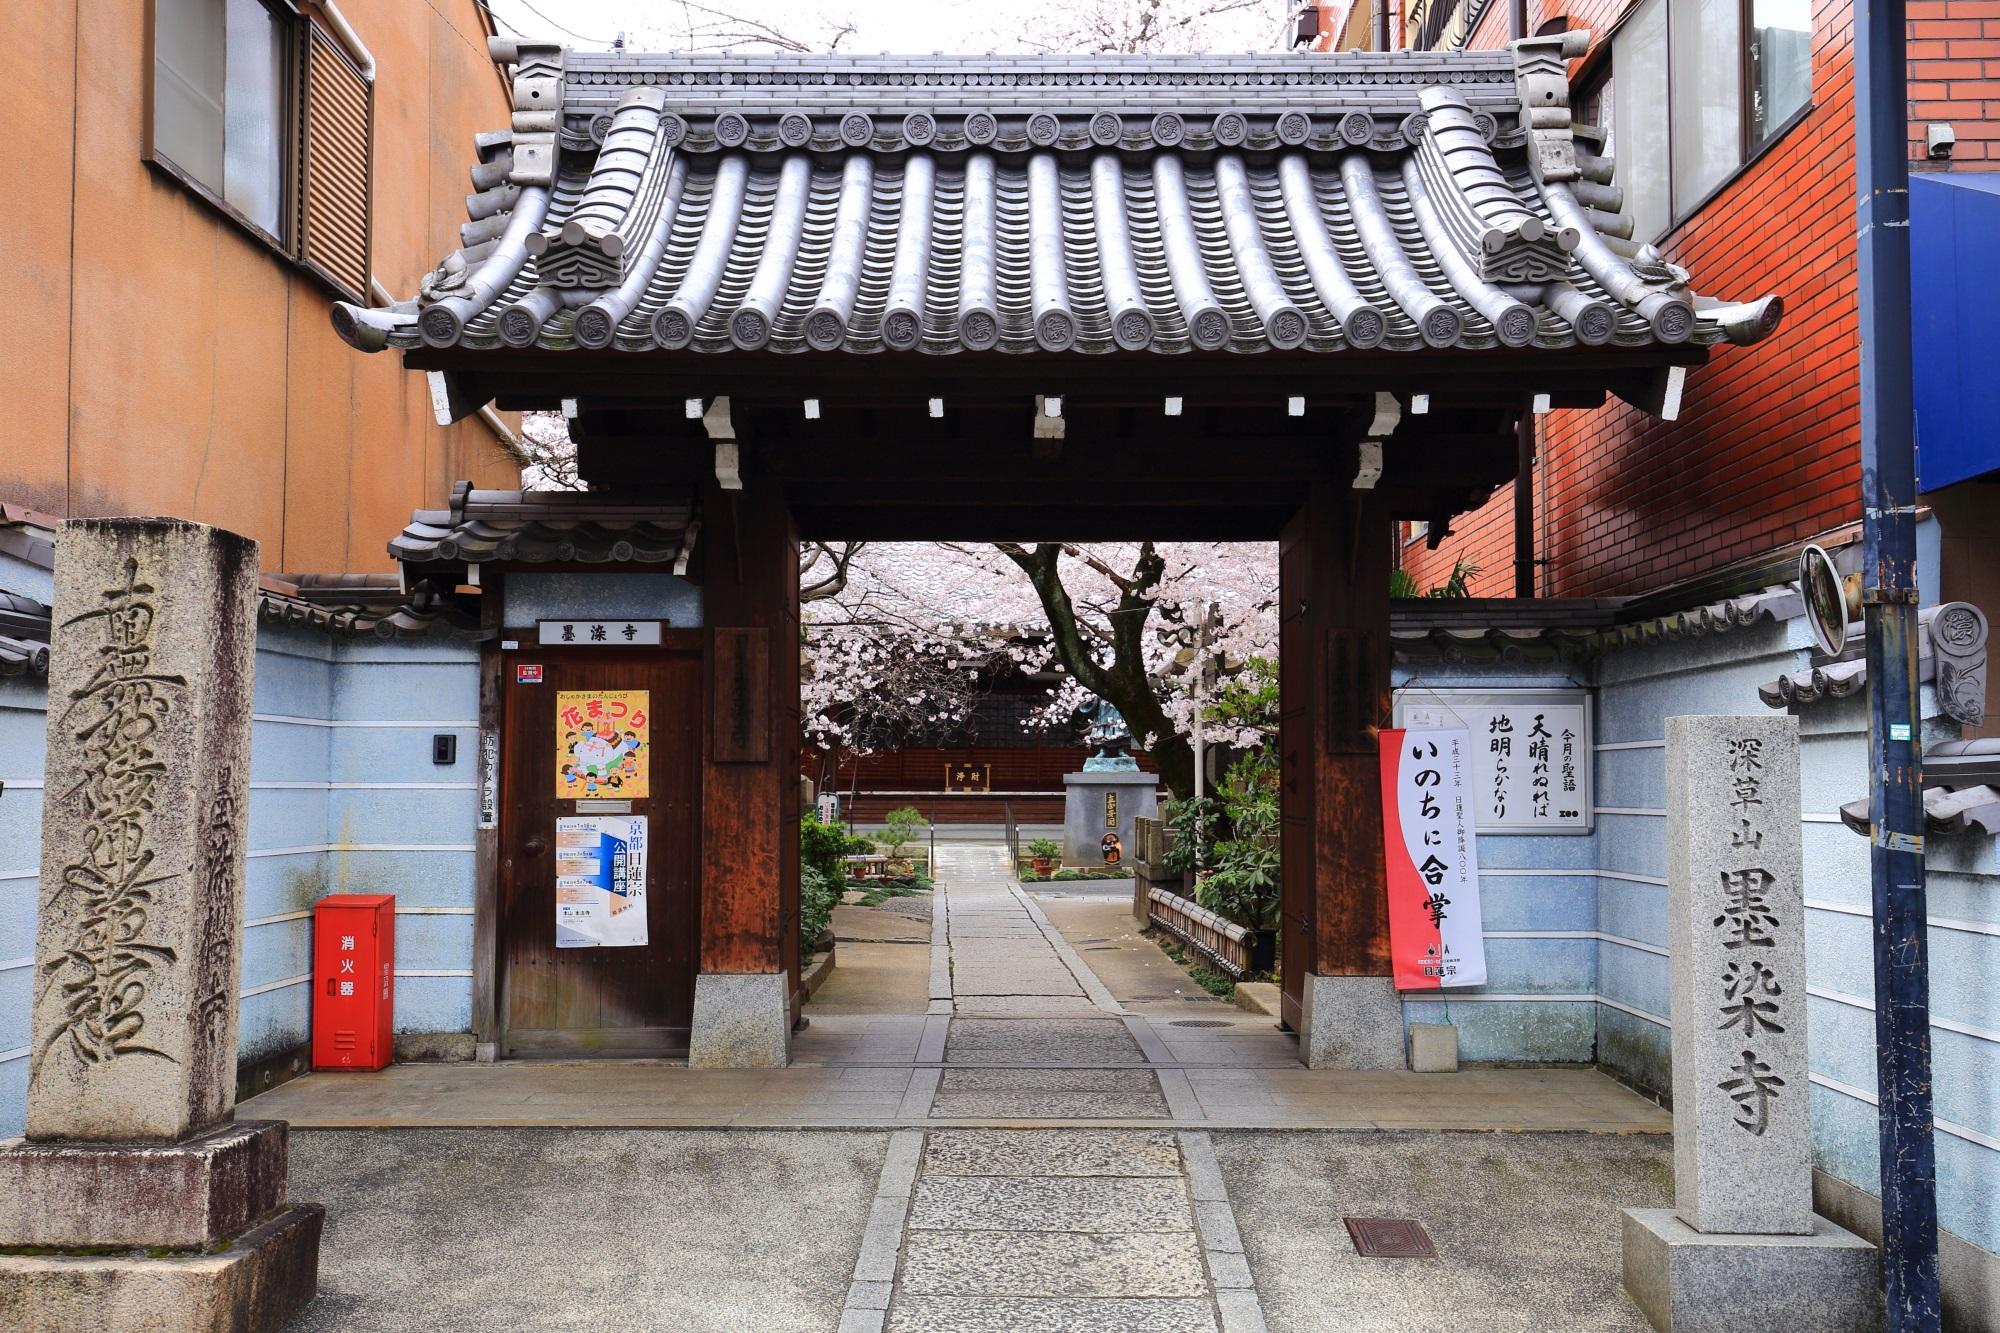 桜の名所の墨染寺(ぼくせんじ)